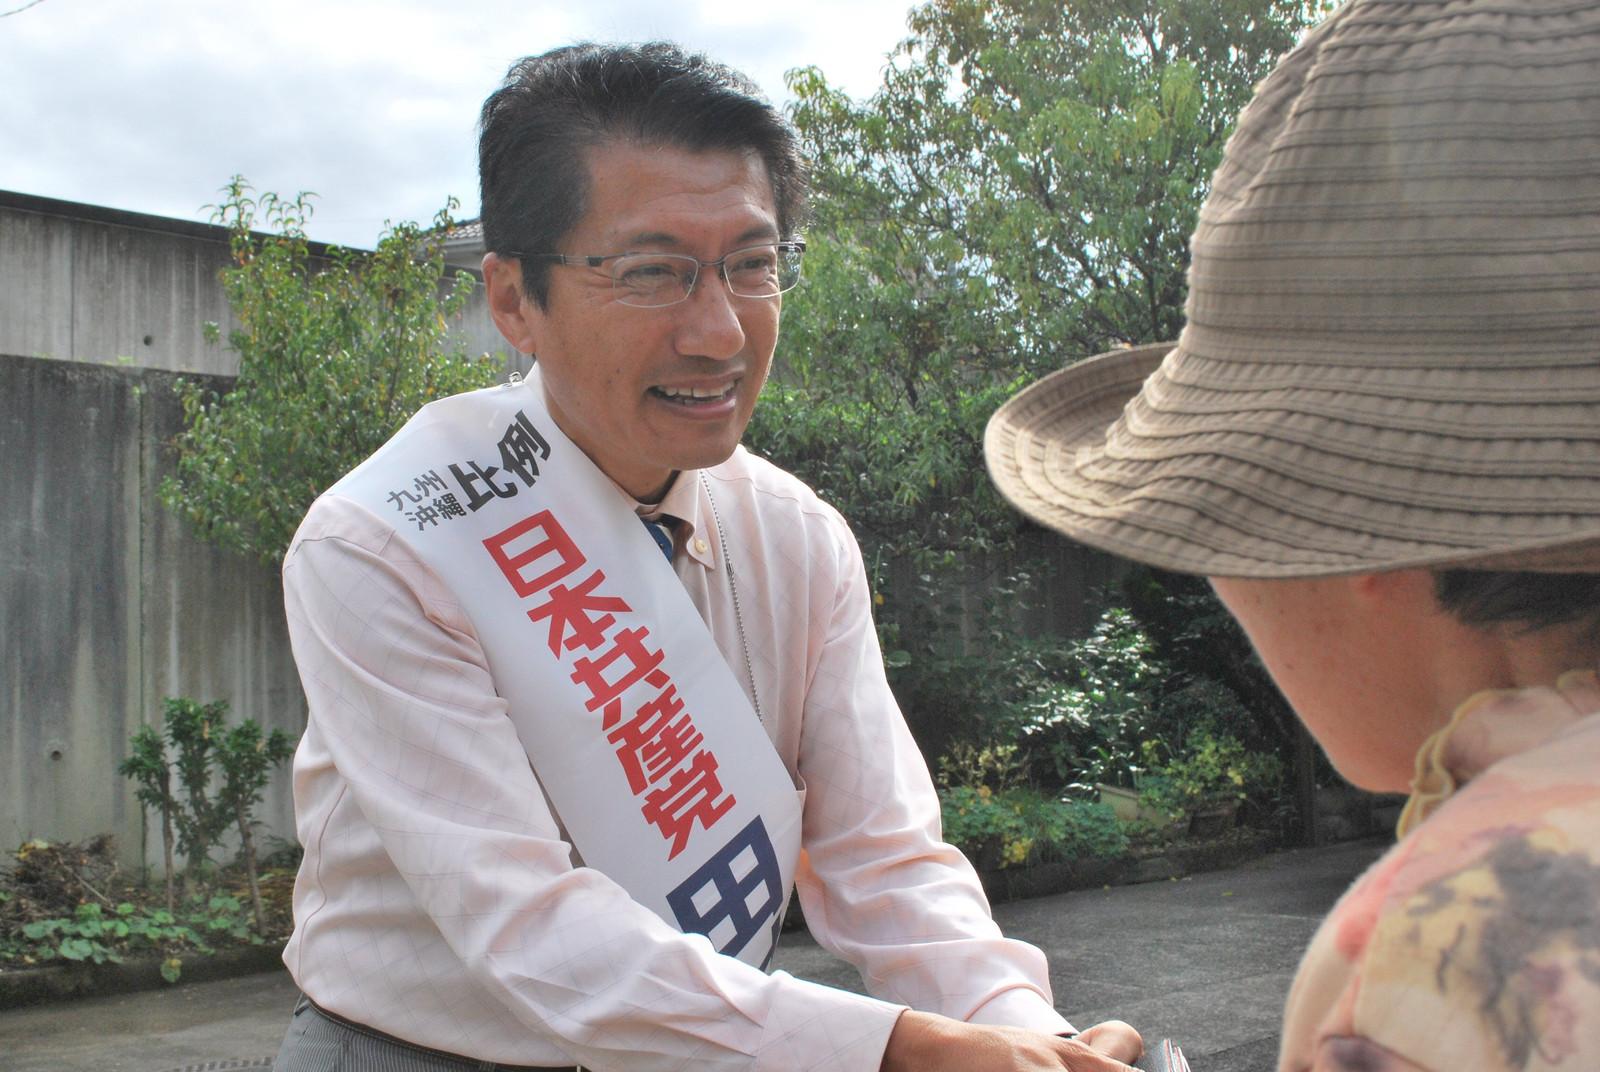 街角で市民の声援に応える田村候補=13日、大分県日田市